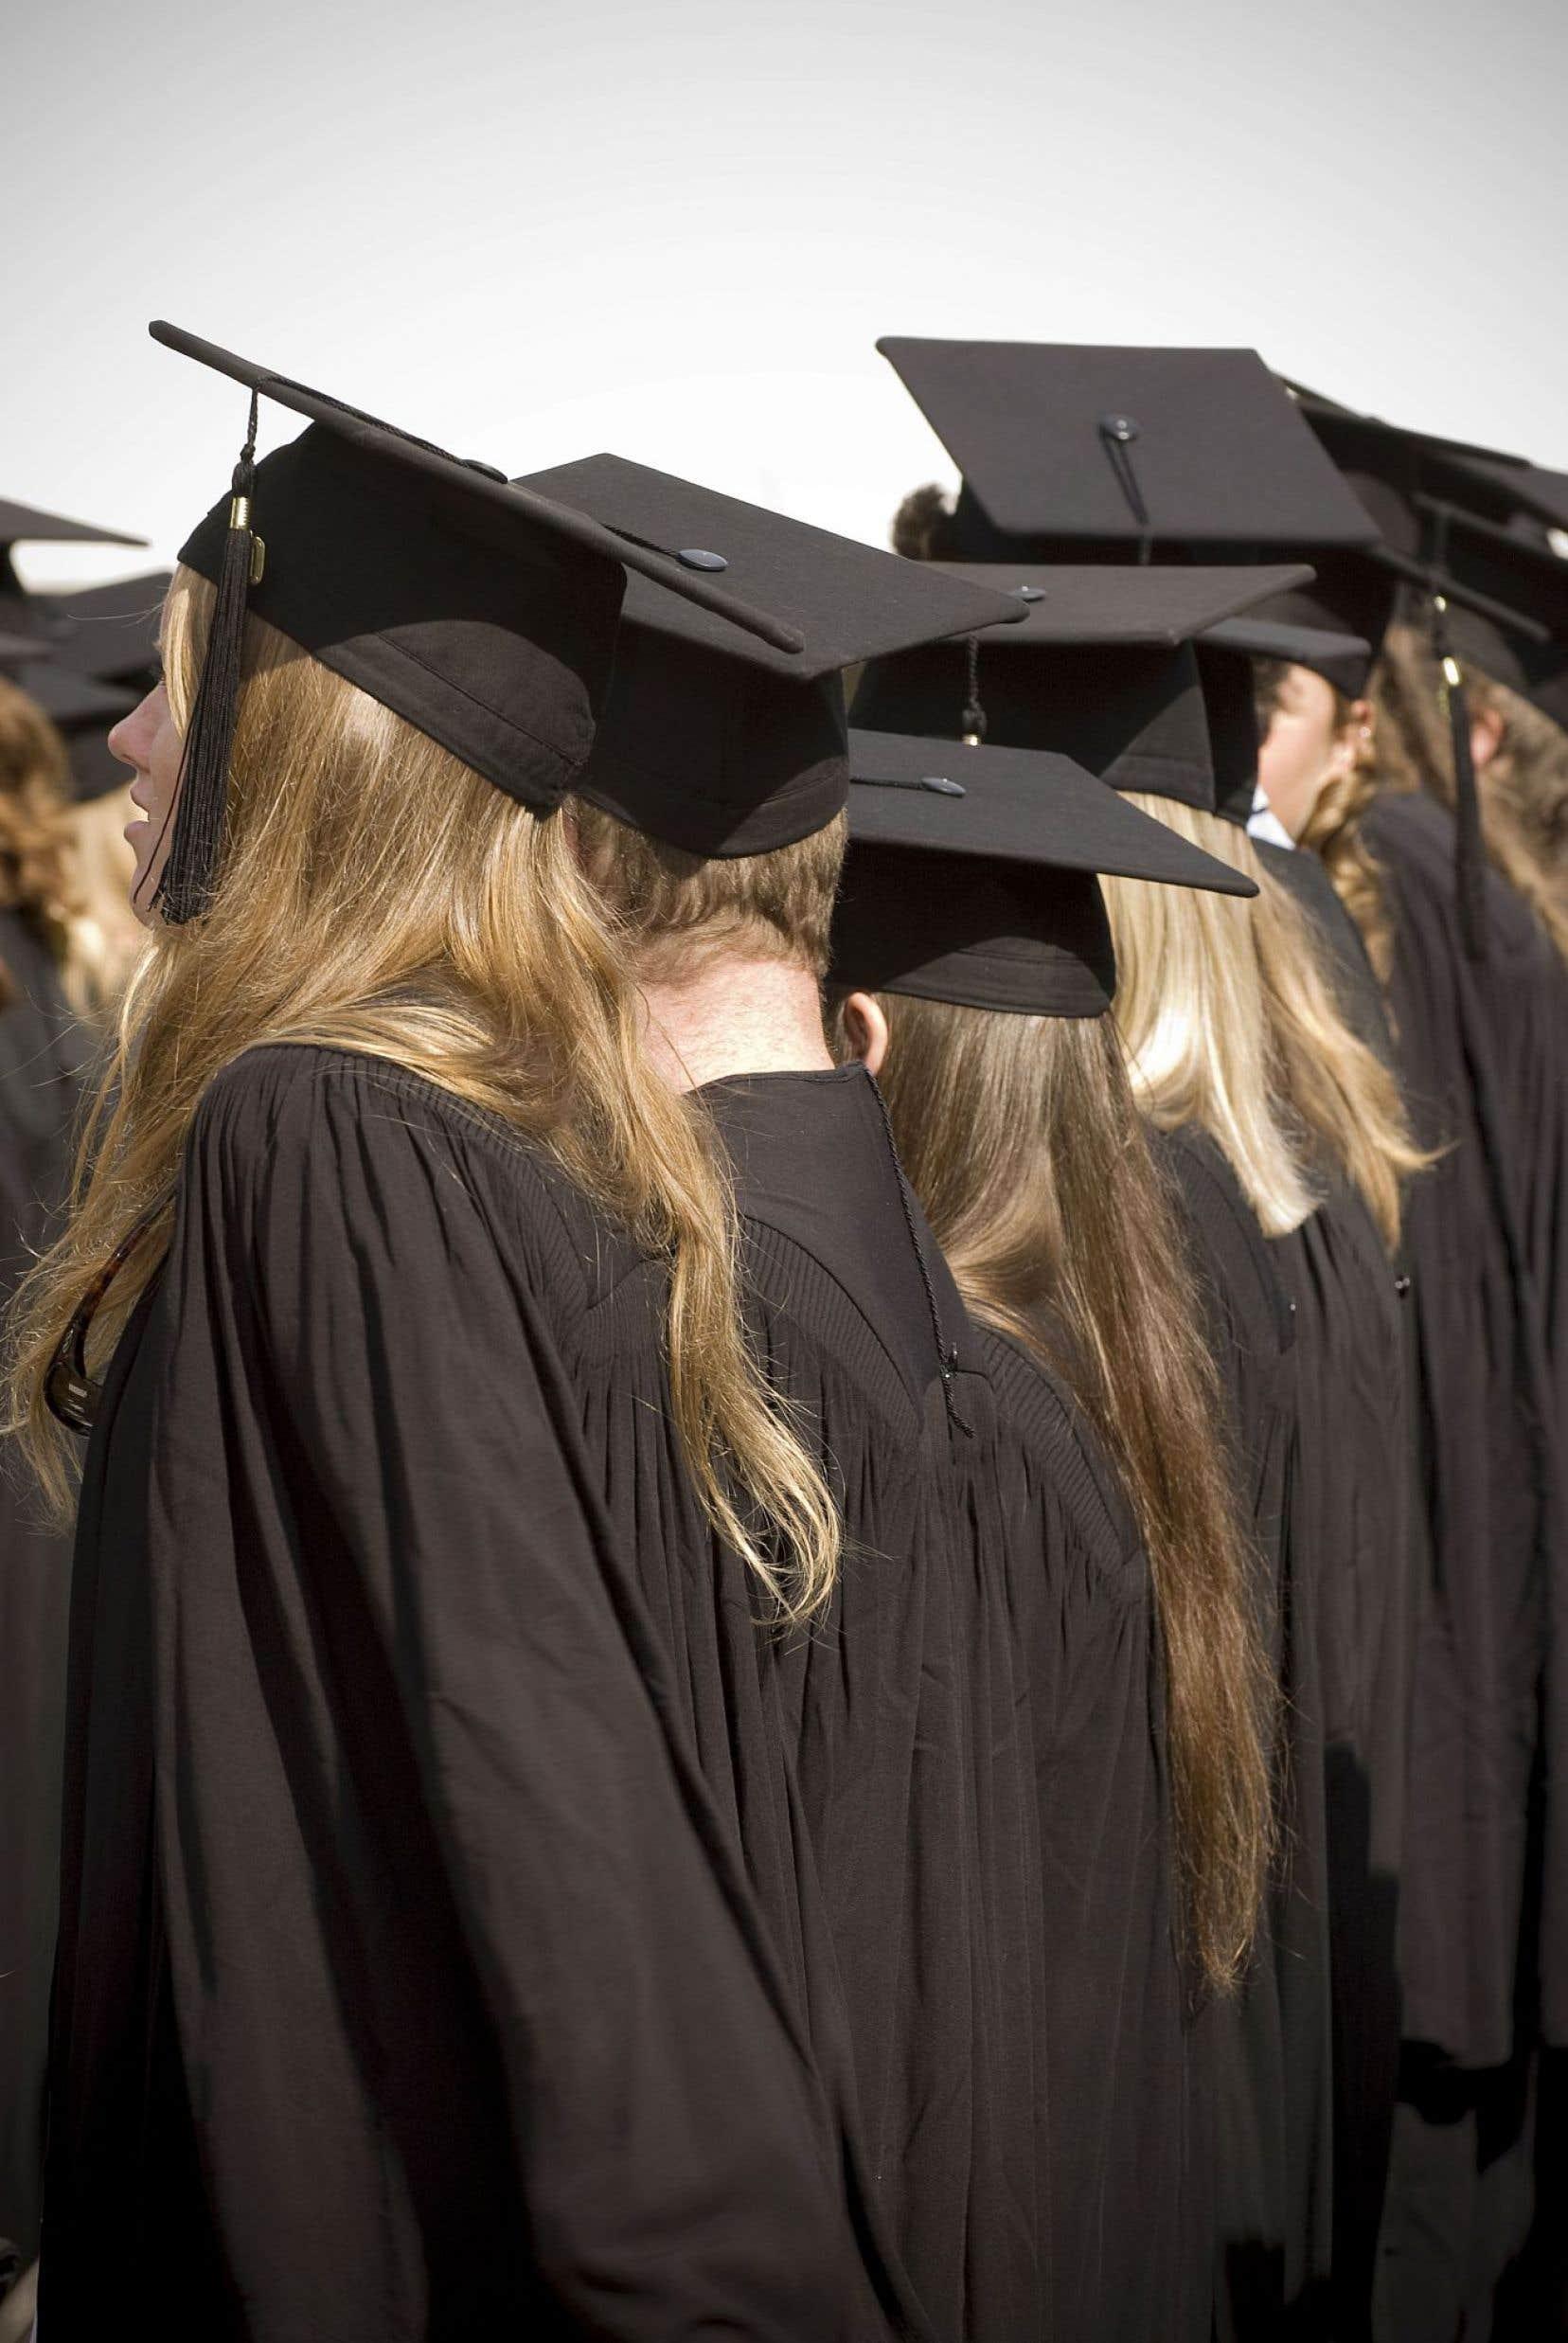 Le programme des Saisons de la Faculté des études supérieures et postdoctorales (FESP) aide les étudiants titulaires d'un doctorat à mieux faire face au monde du travail.